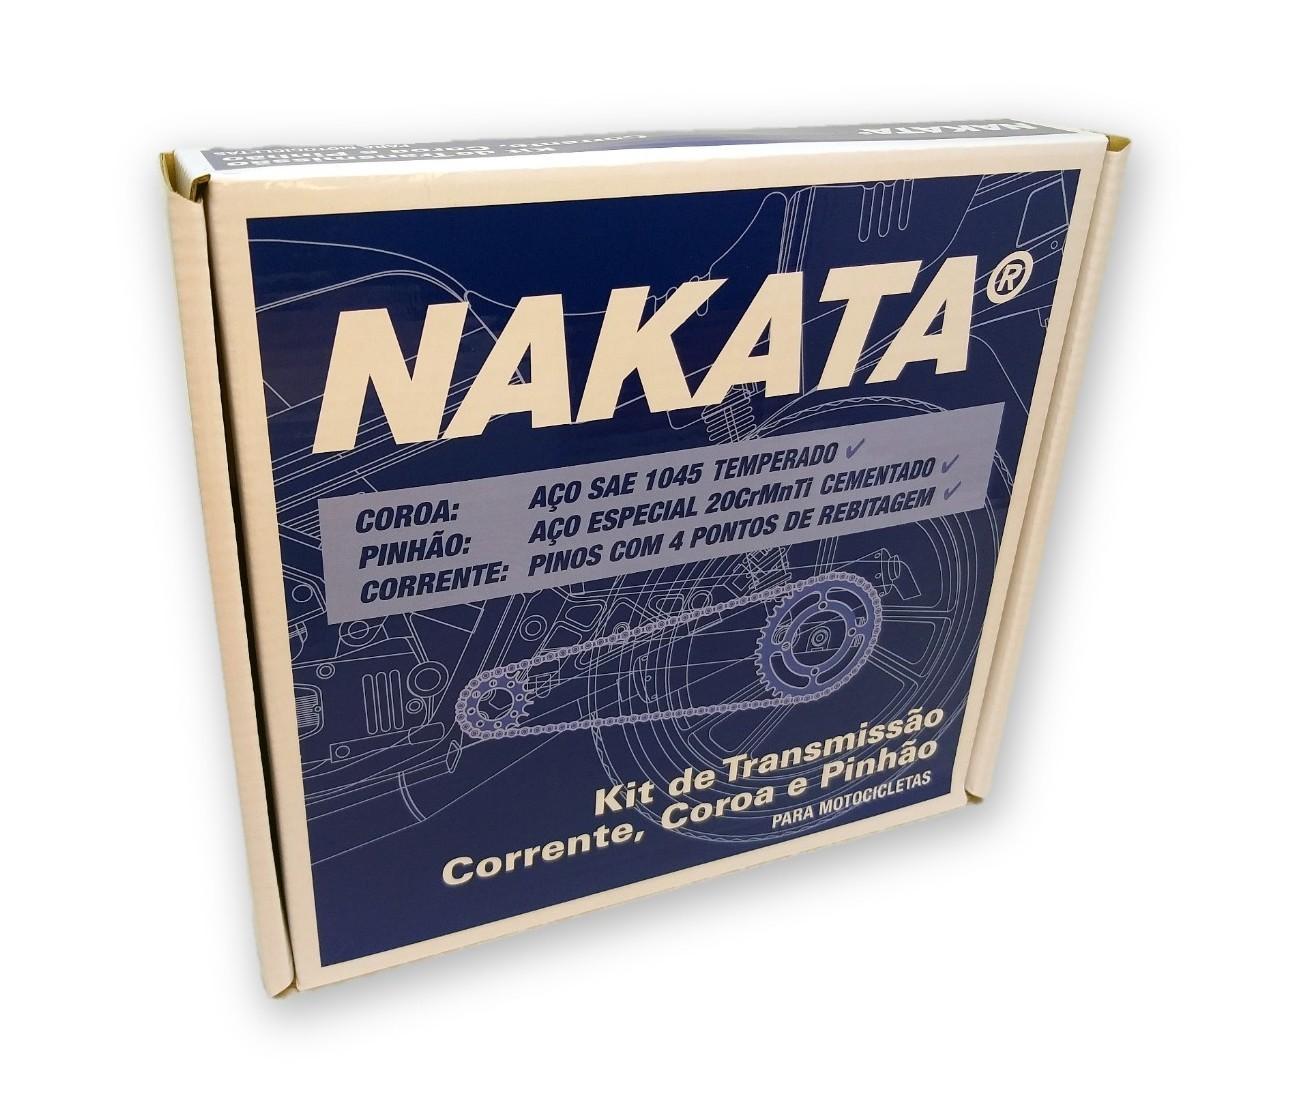 Kit Relação Titan 125 2000 a 2004 / Fan 125 2005 a 2008 Aço 1045 Nakata 428x116x44x14